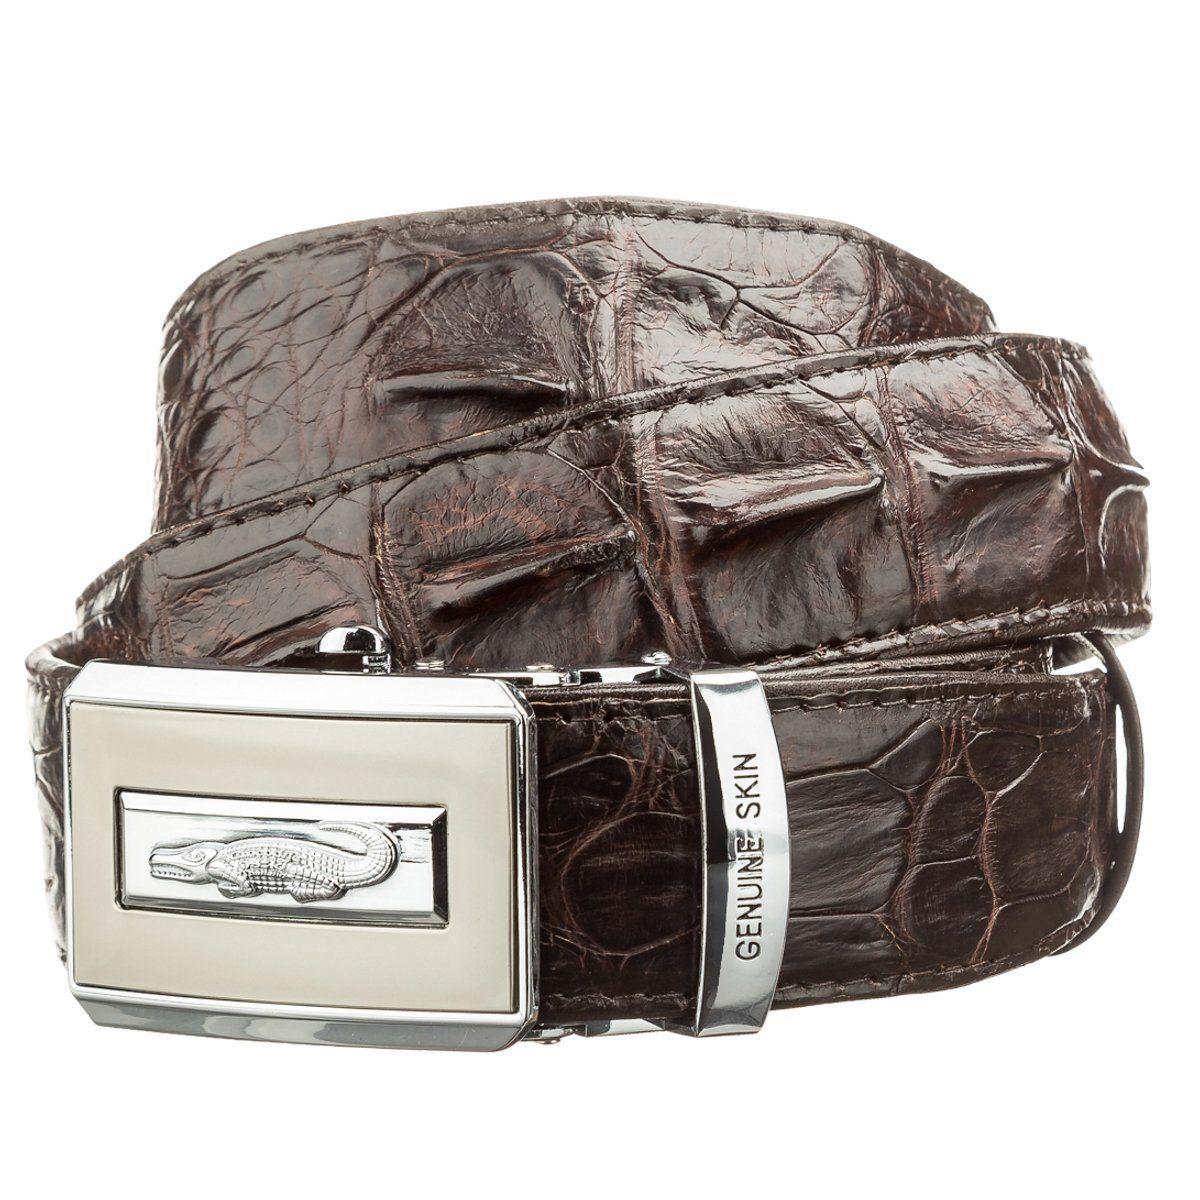 Ремень Автоматический Crocodile Leather 18606 Из Натуральной Кожи Крокодила Коричневый, Коричневый